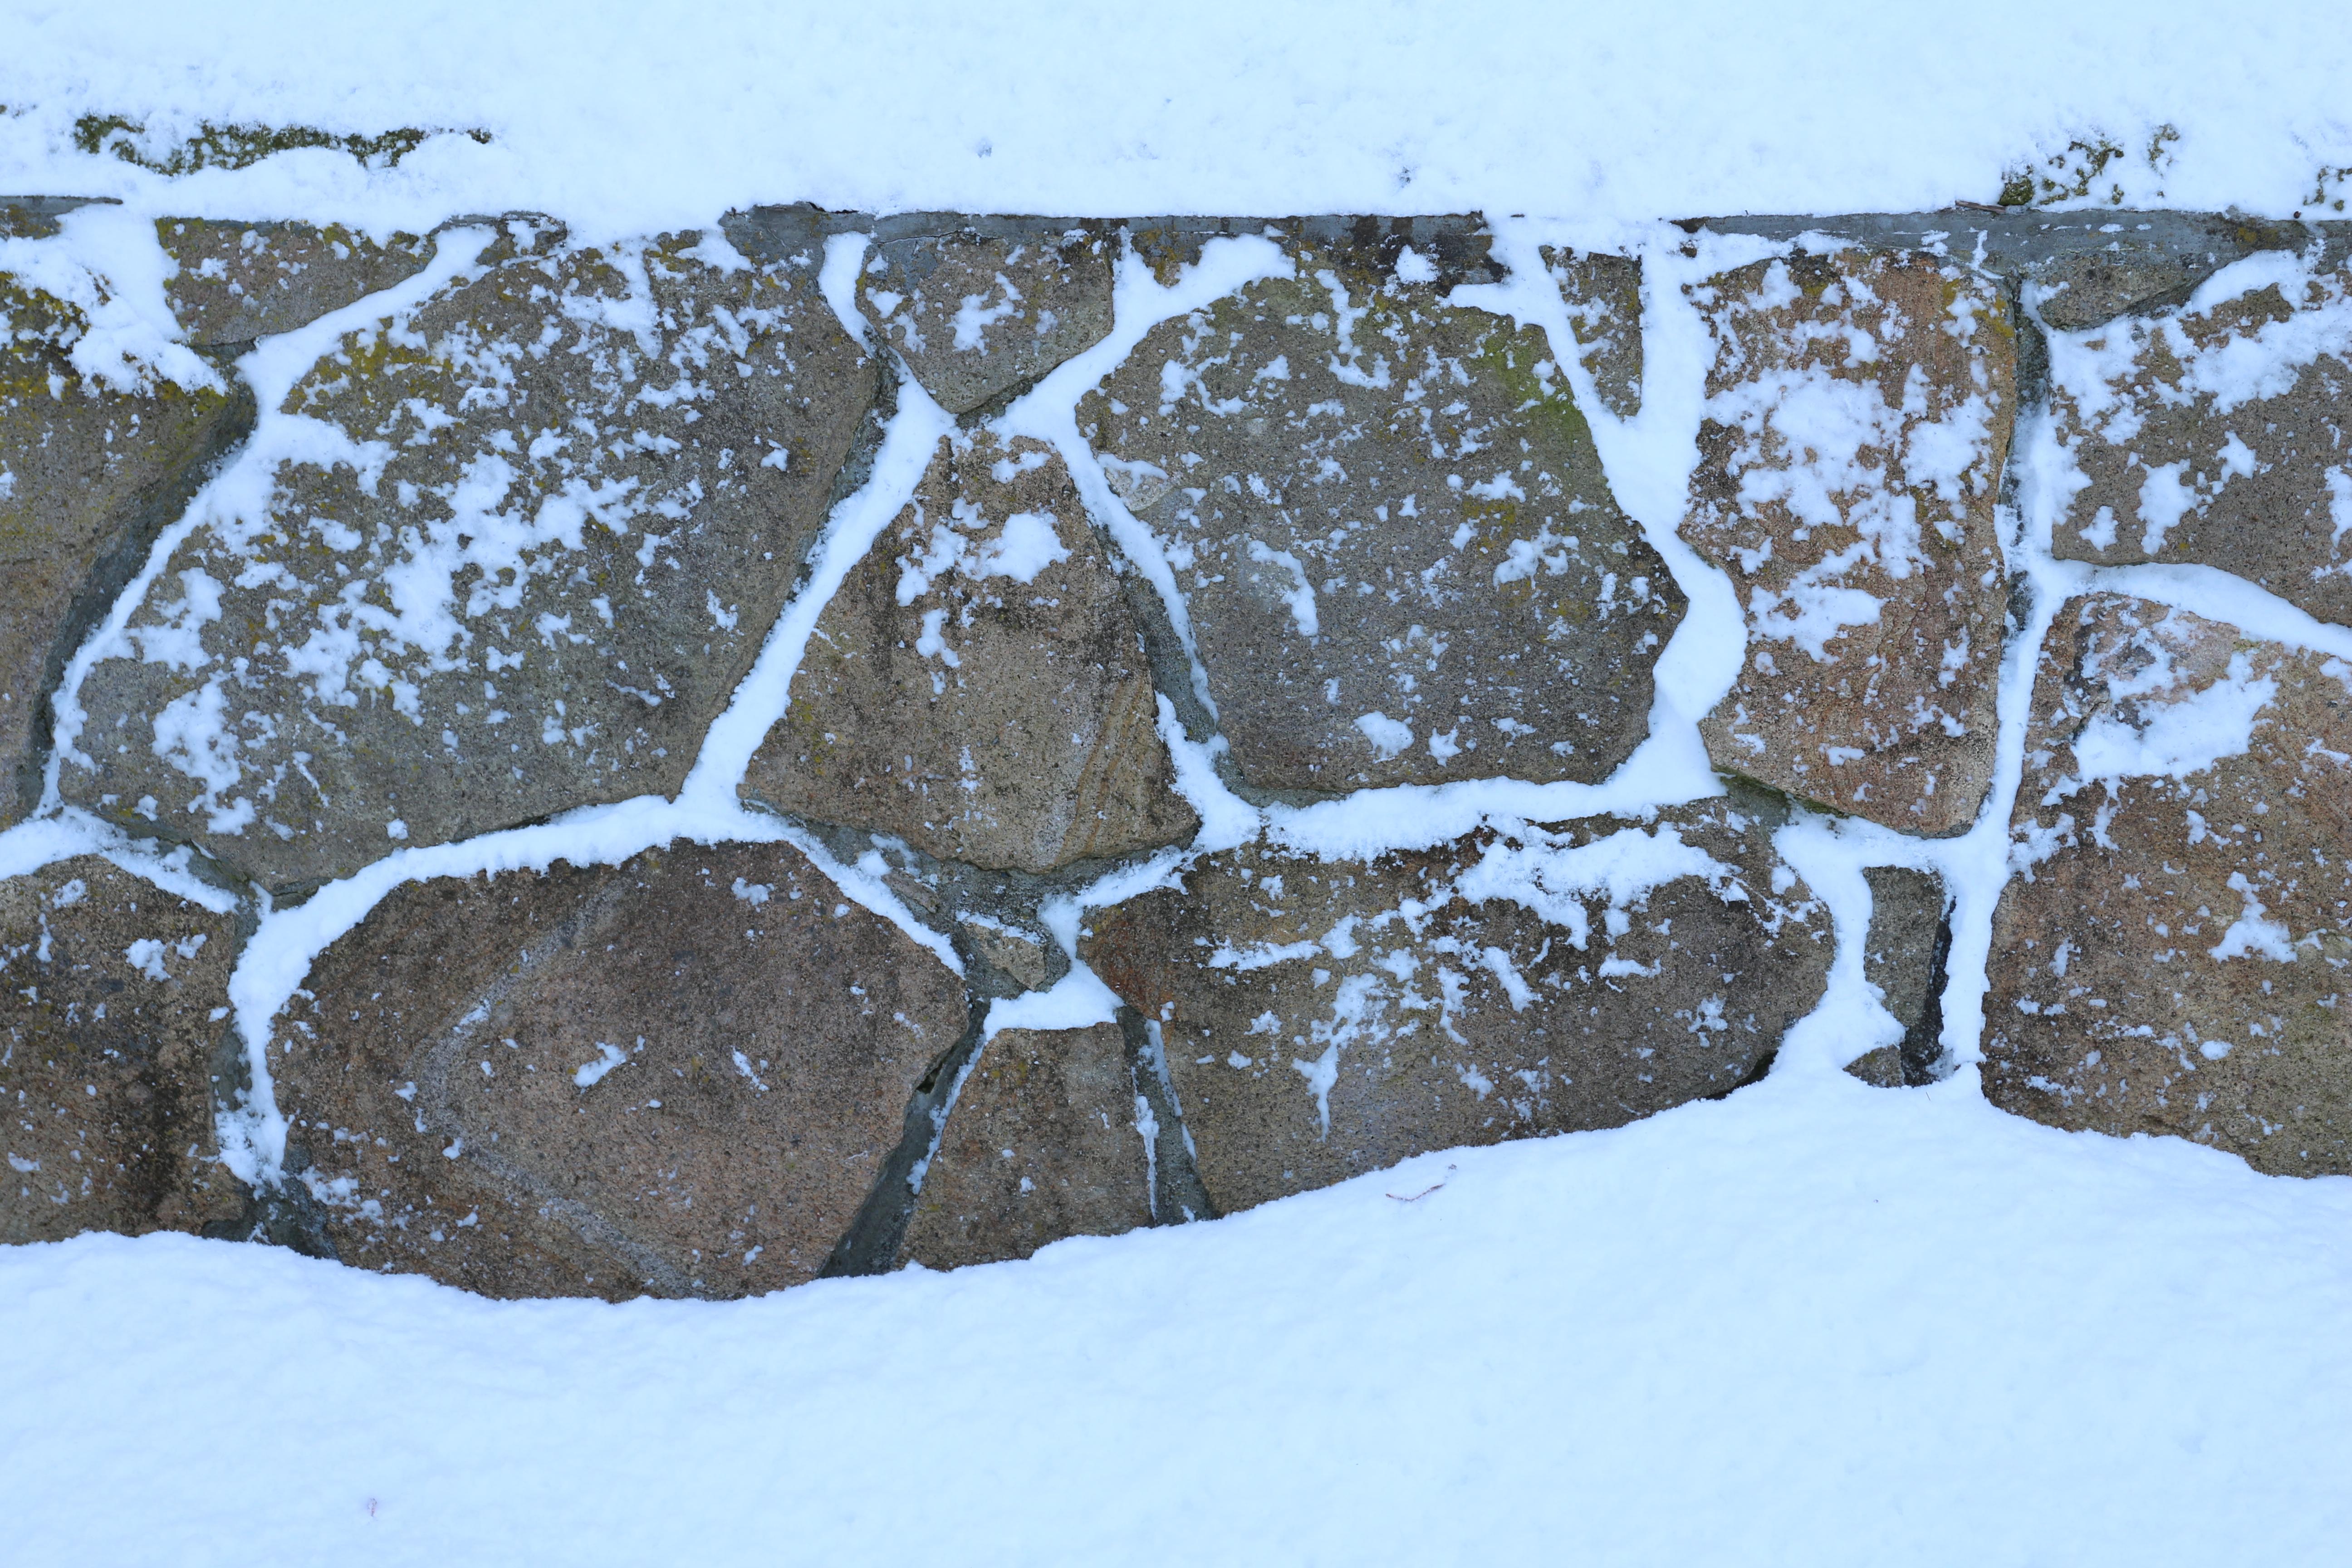 今年は雪が遅くて助かっていたが、その分、降りはじめたら急に深くなった。EF-M 18-55mm F3.5-5.6 IS STM / 1/125秒 / F6.3 / +0.7EV / ISO100 / 絞り優先AE / WB:オート / 48mm